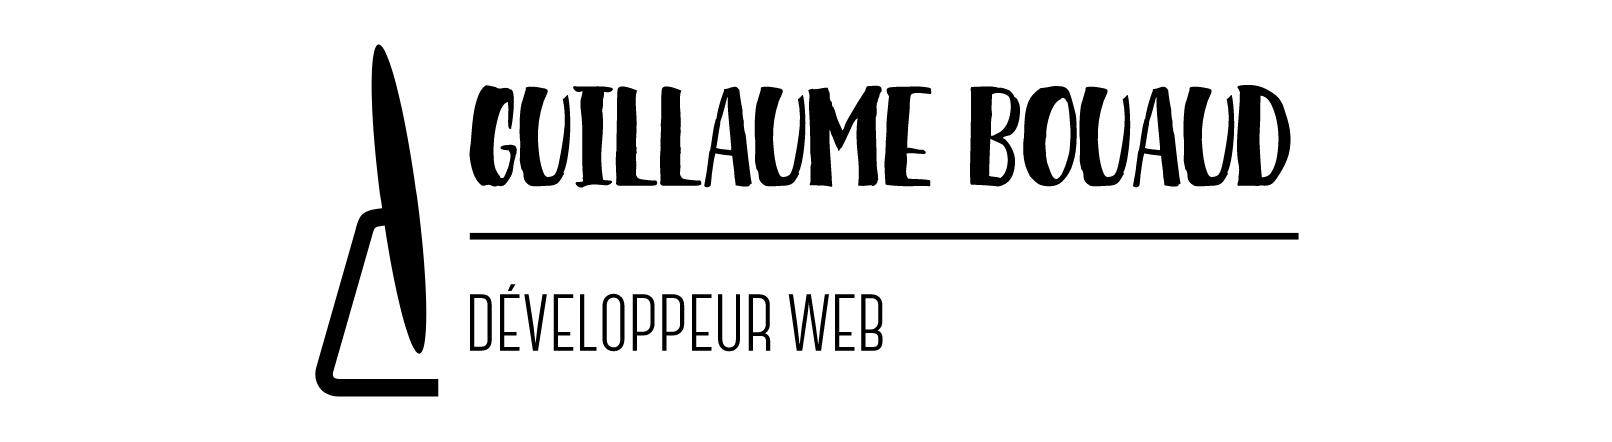 Guillaume BOUAUD - Développeur WEB